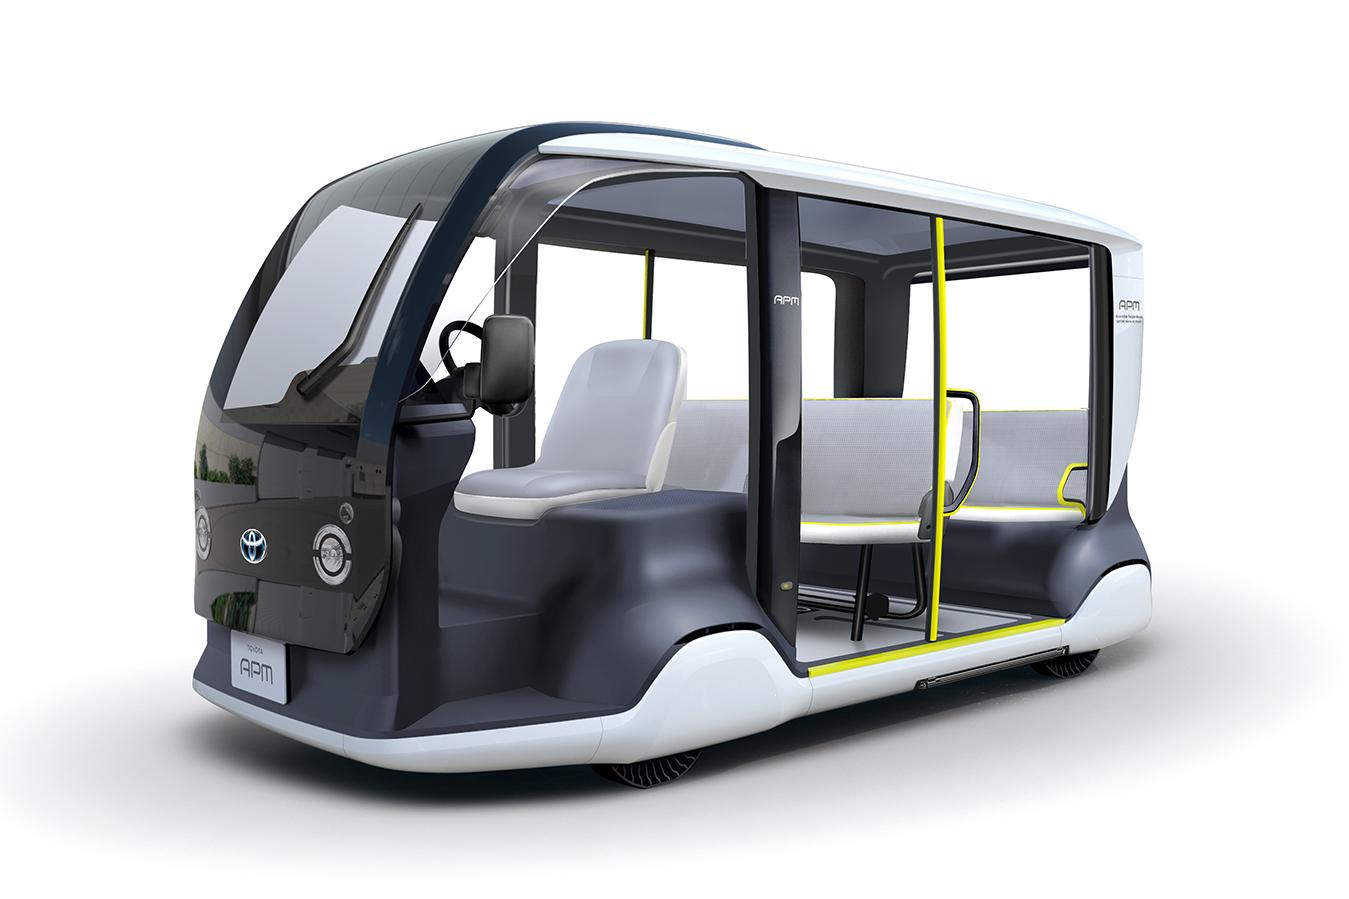 Toyota dévoile sa navette autonome et électrique pour les JO de Tokyo 2020